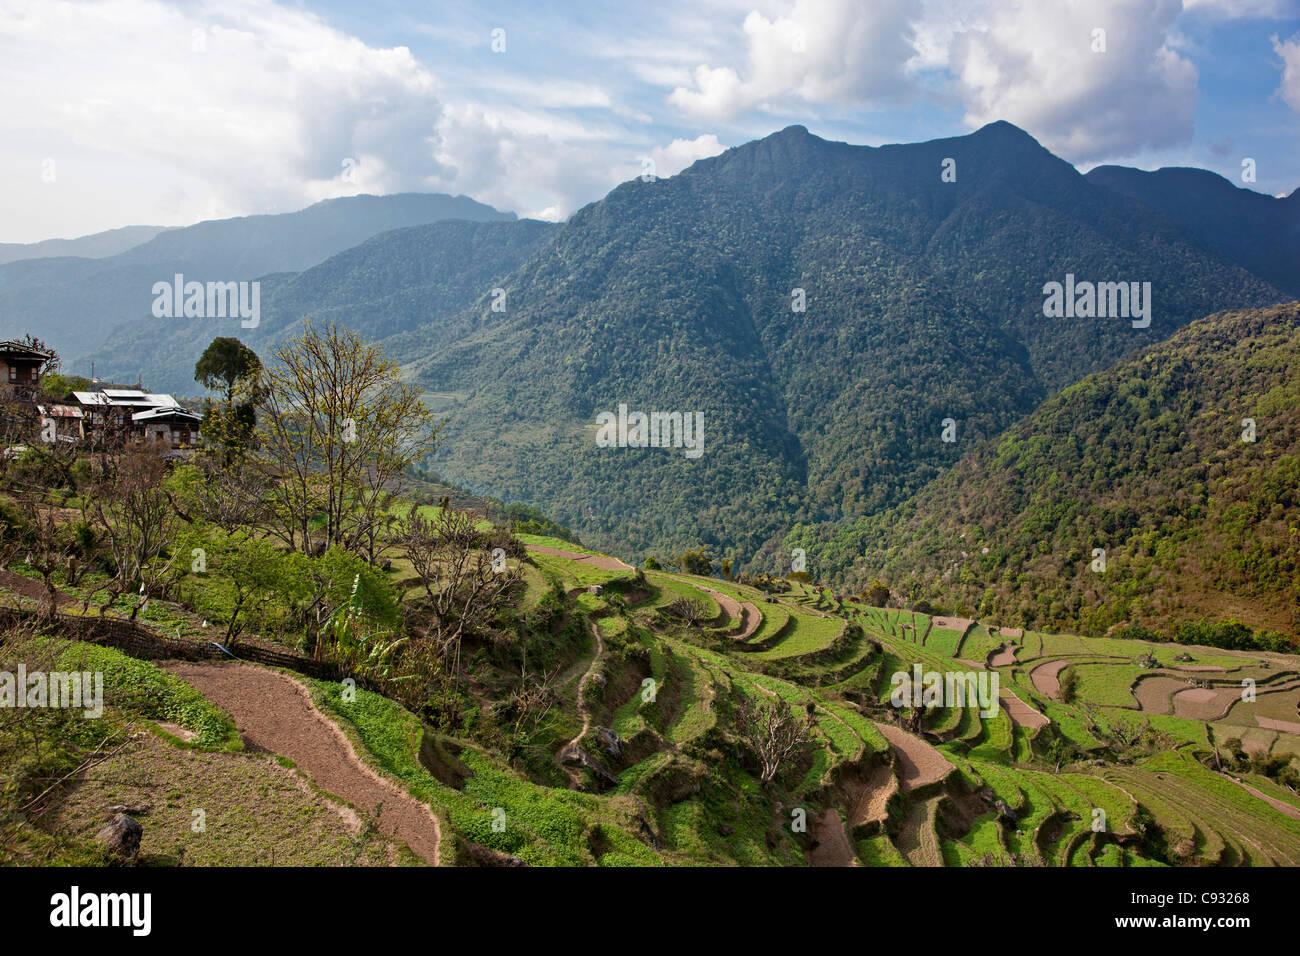 L'agriculture en terrasses sur une colline dans la vallée Mangde Chhu. Photo Stock